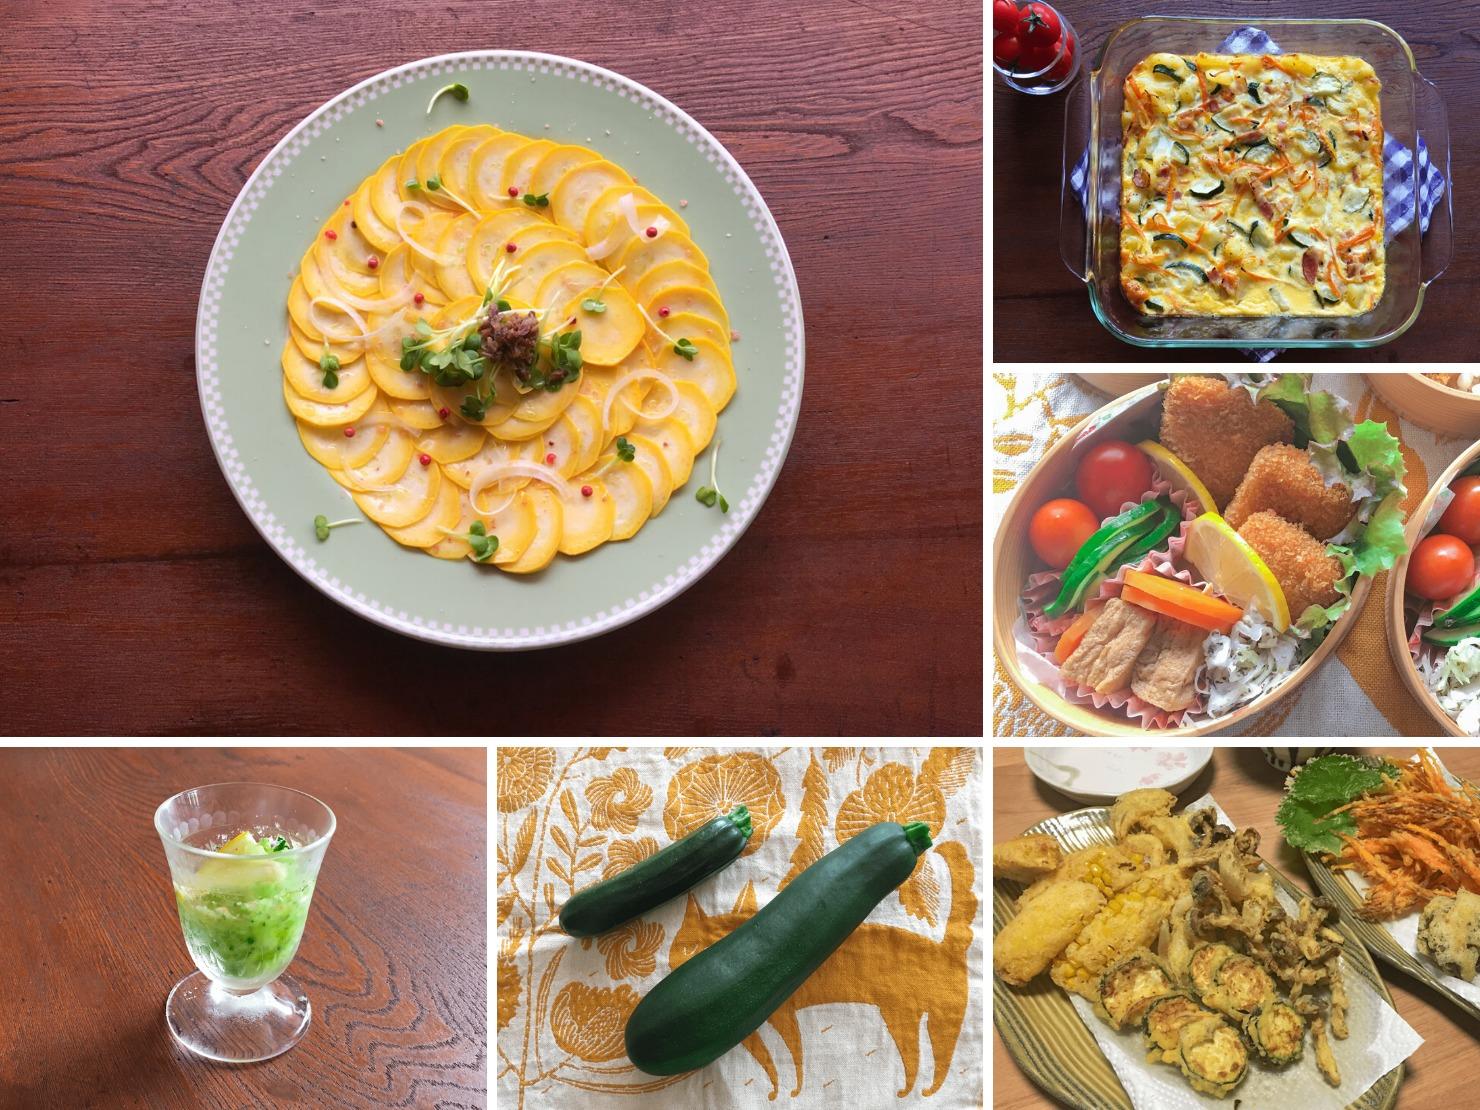 ズッキーニやズッキーニ料理の写真のコラージュ